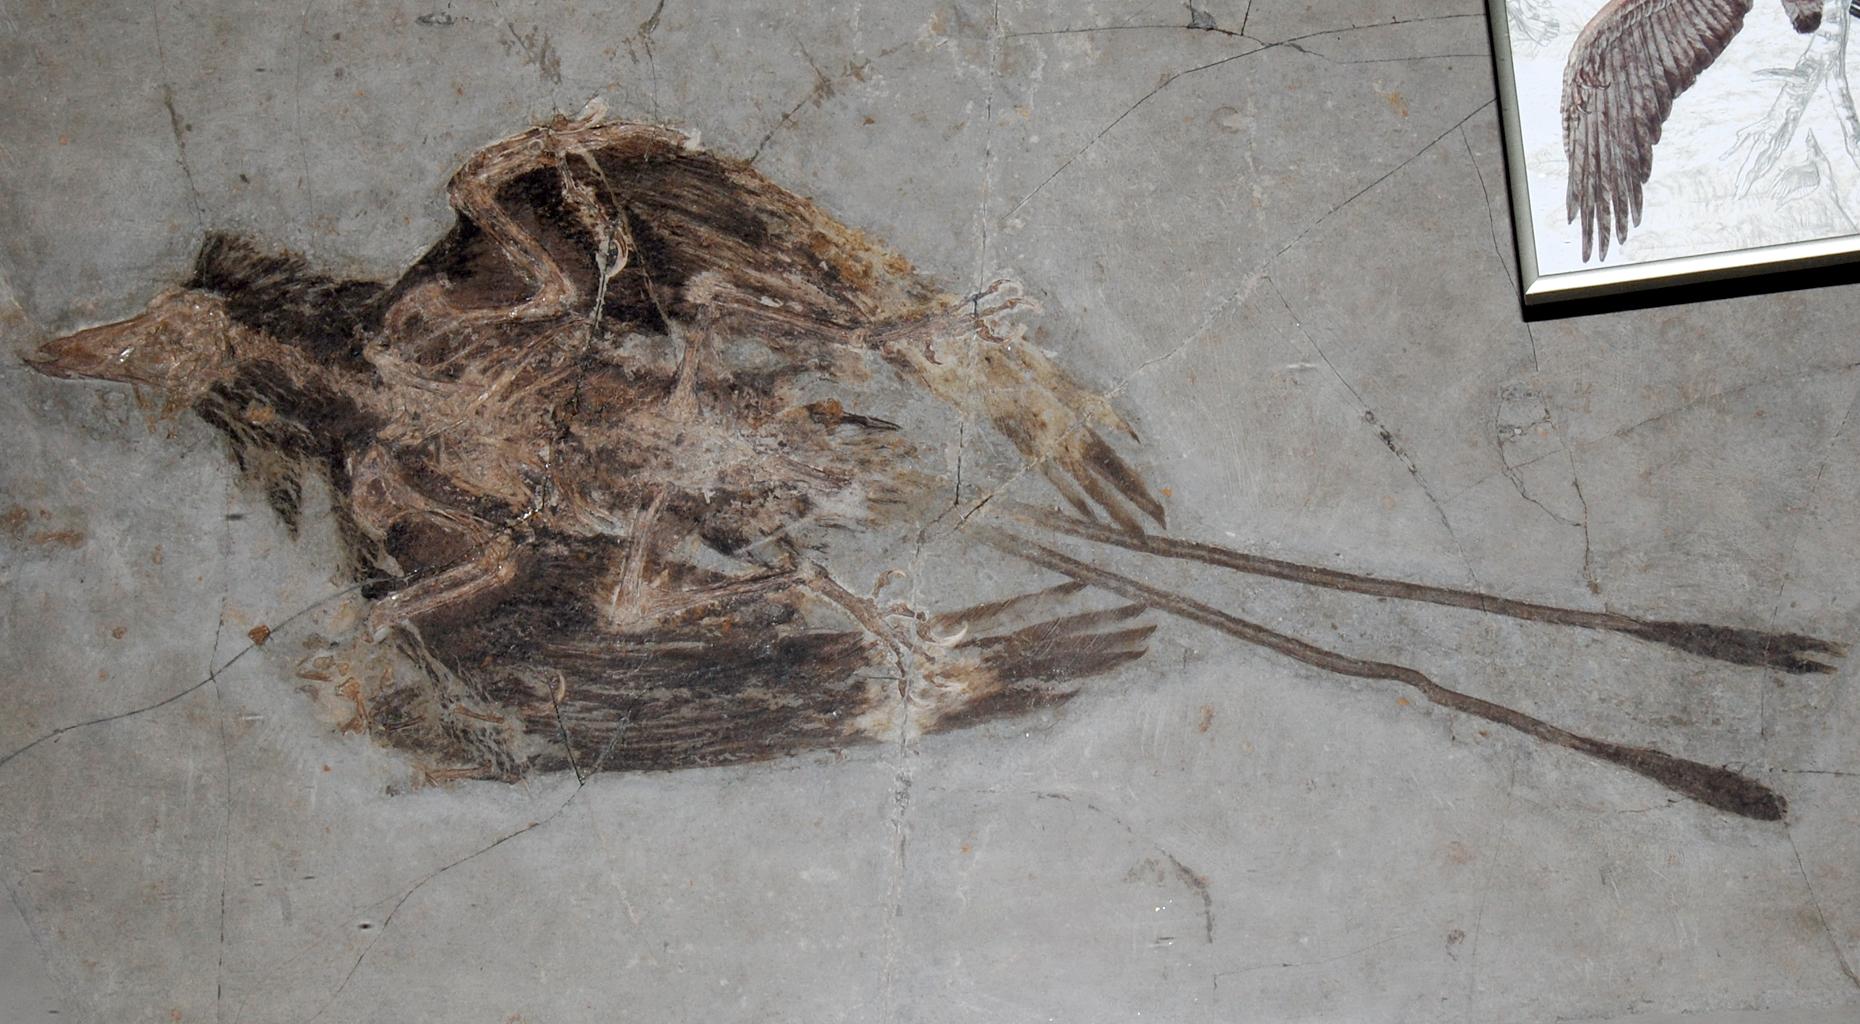 confuciusornis ile ilgili görsel sonucu